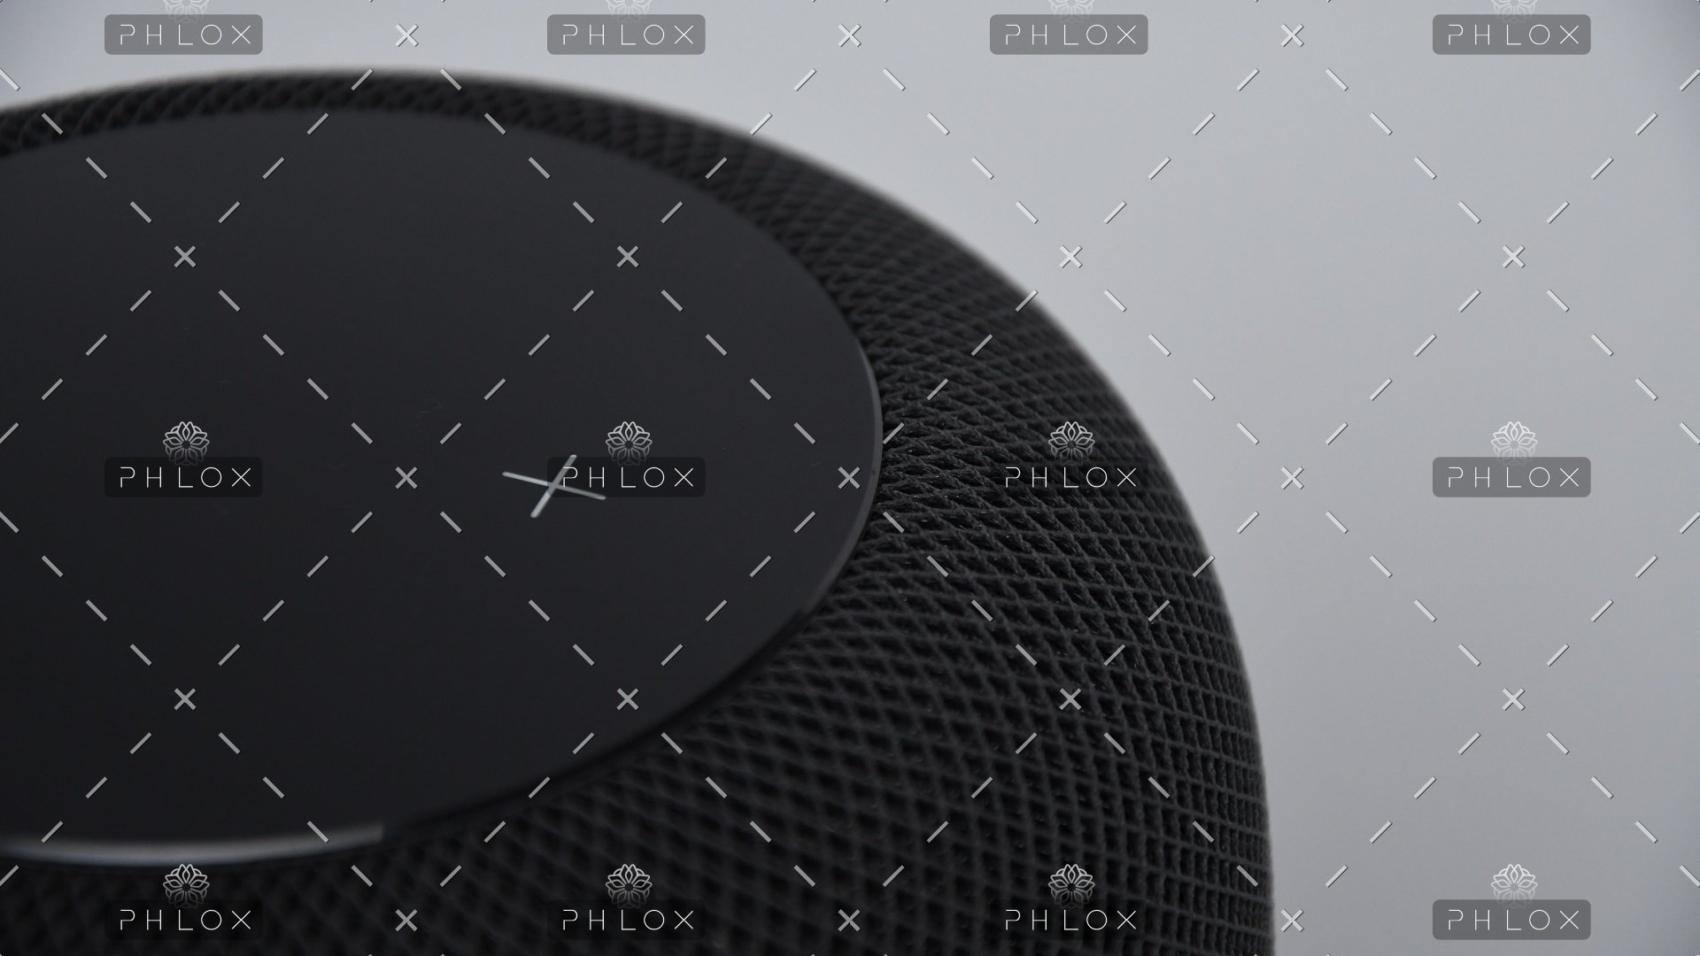 demo-attachment-58-przemyslaw-marczynski-04TYM24Wi2c-unsplash